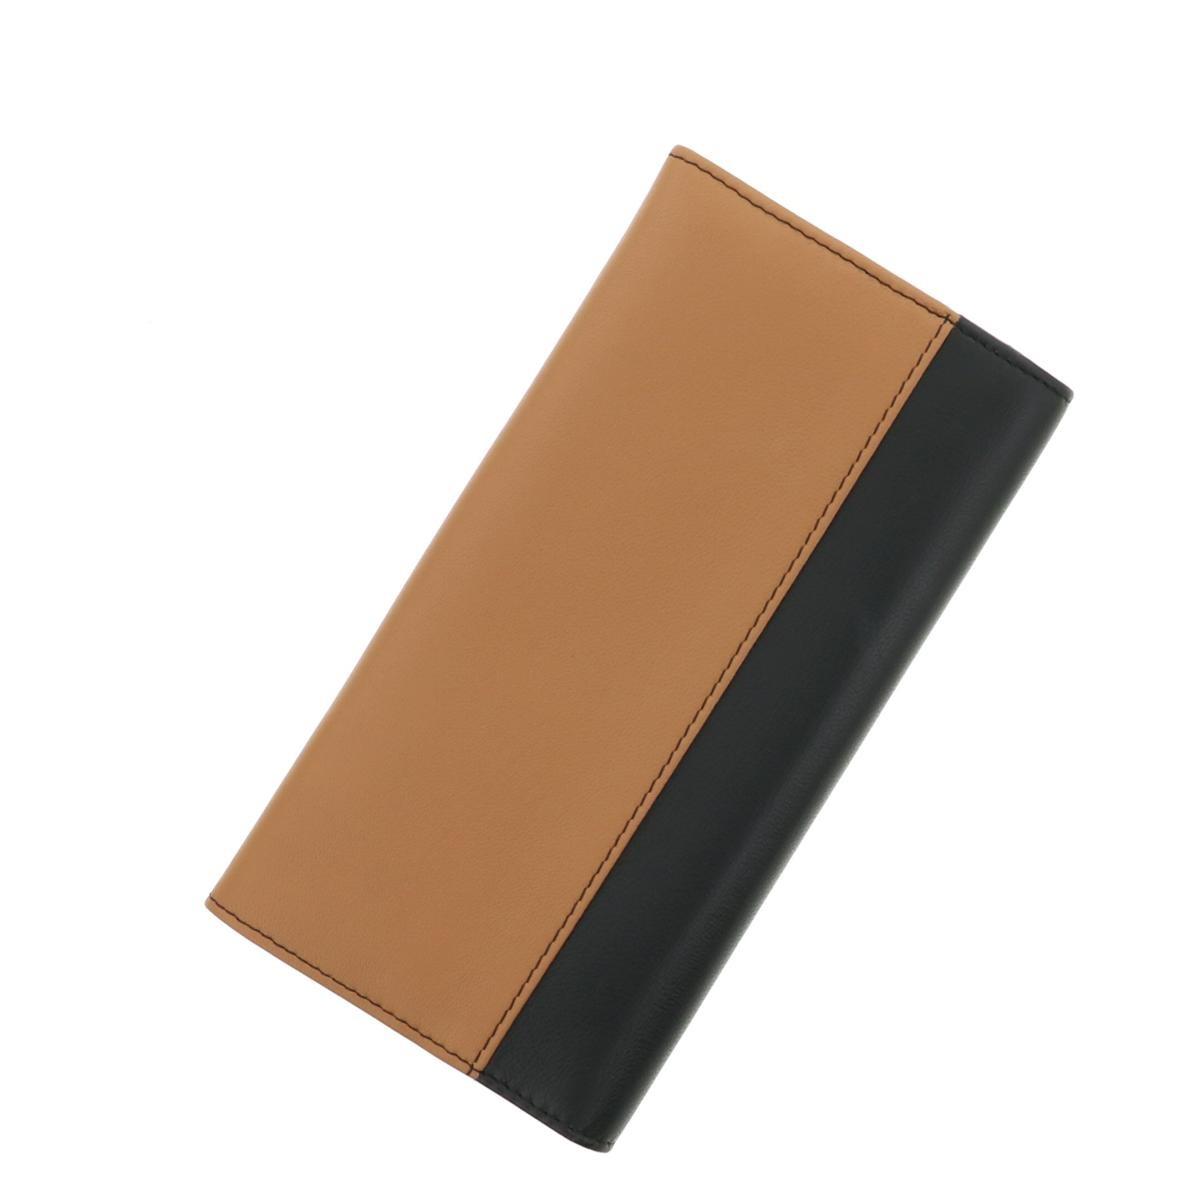 【お値下げ品】【即日発送・水曜定休日・木曜発送】【美品】【中古】【オススメ】【RI】 CHLOE (クロエ) パッチワーク 二つ折り長財布 財布 長財布(小銭入有)  Brown/ブラウン 3P0171 used:A